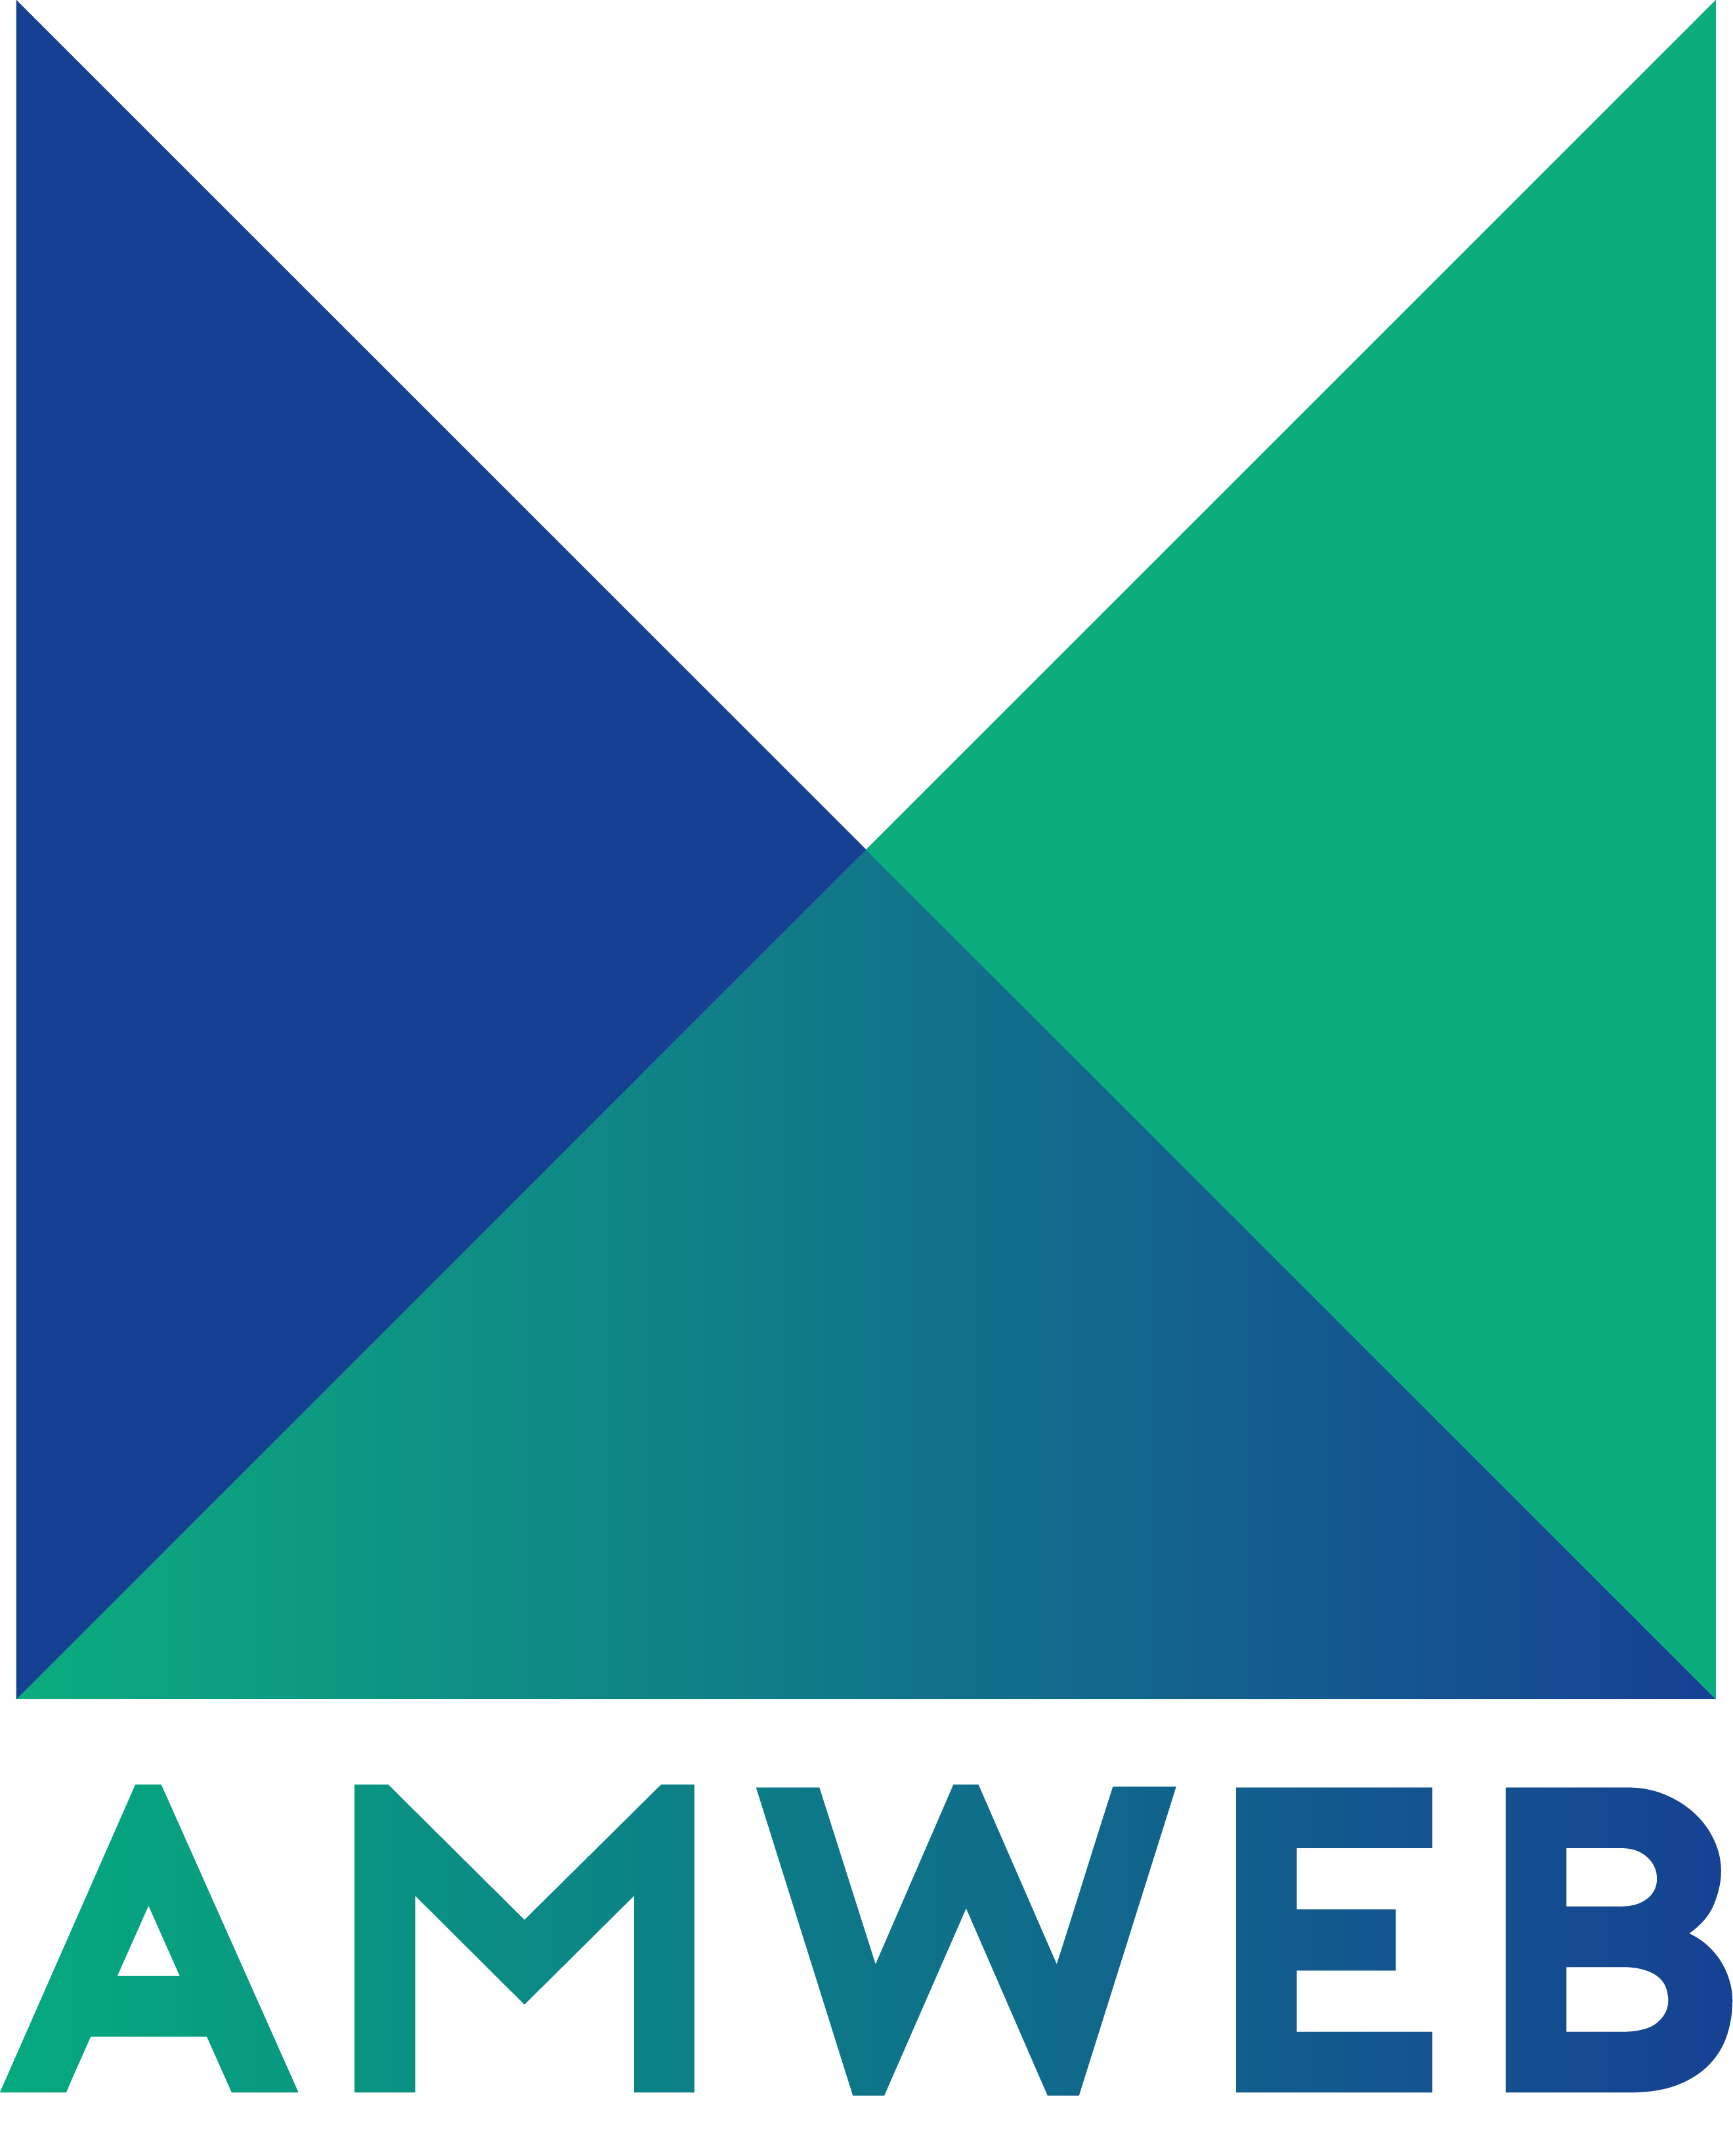 AMWeb